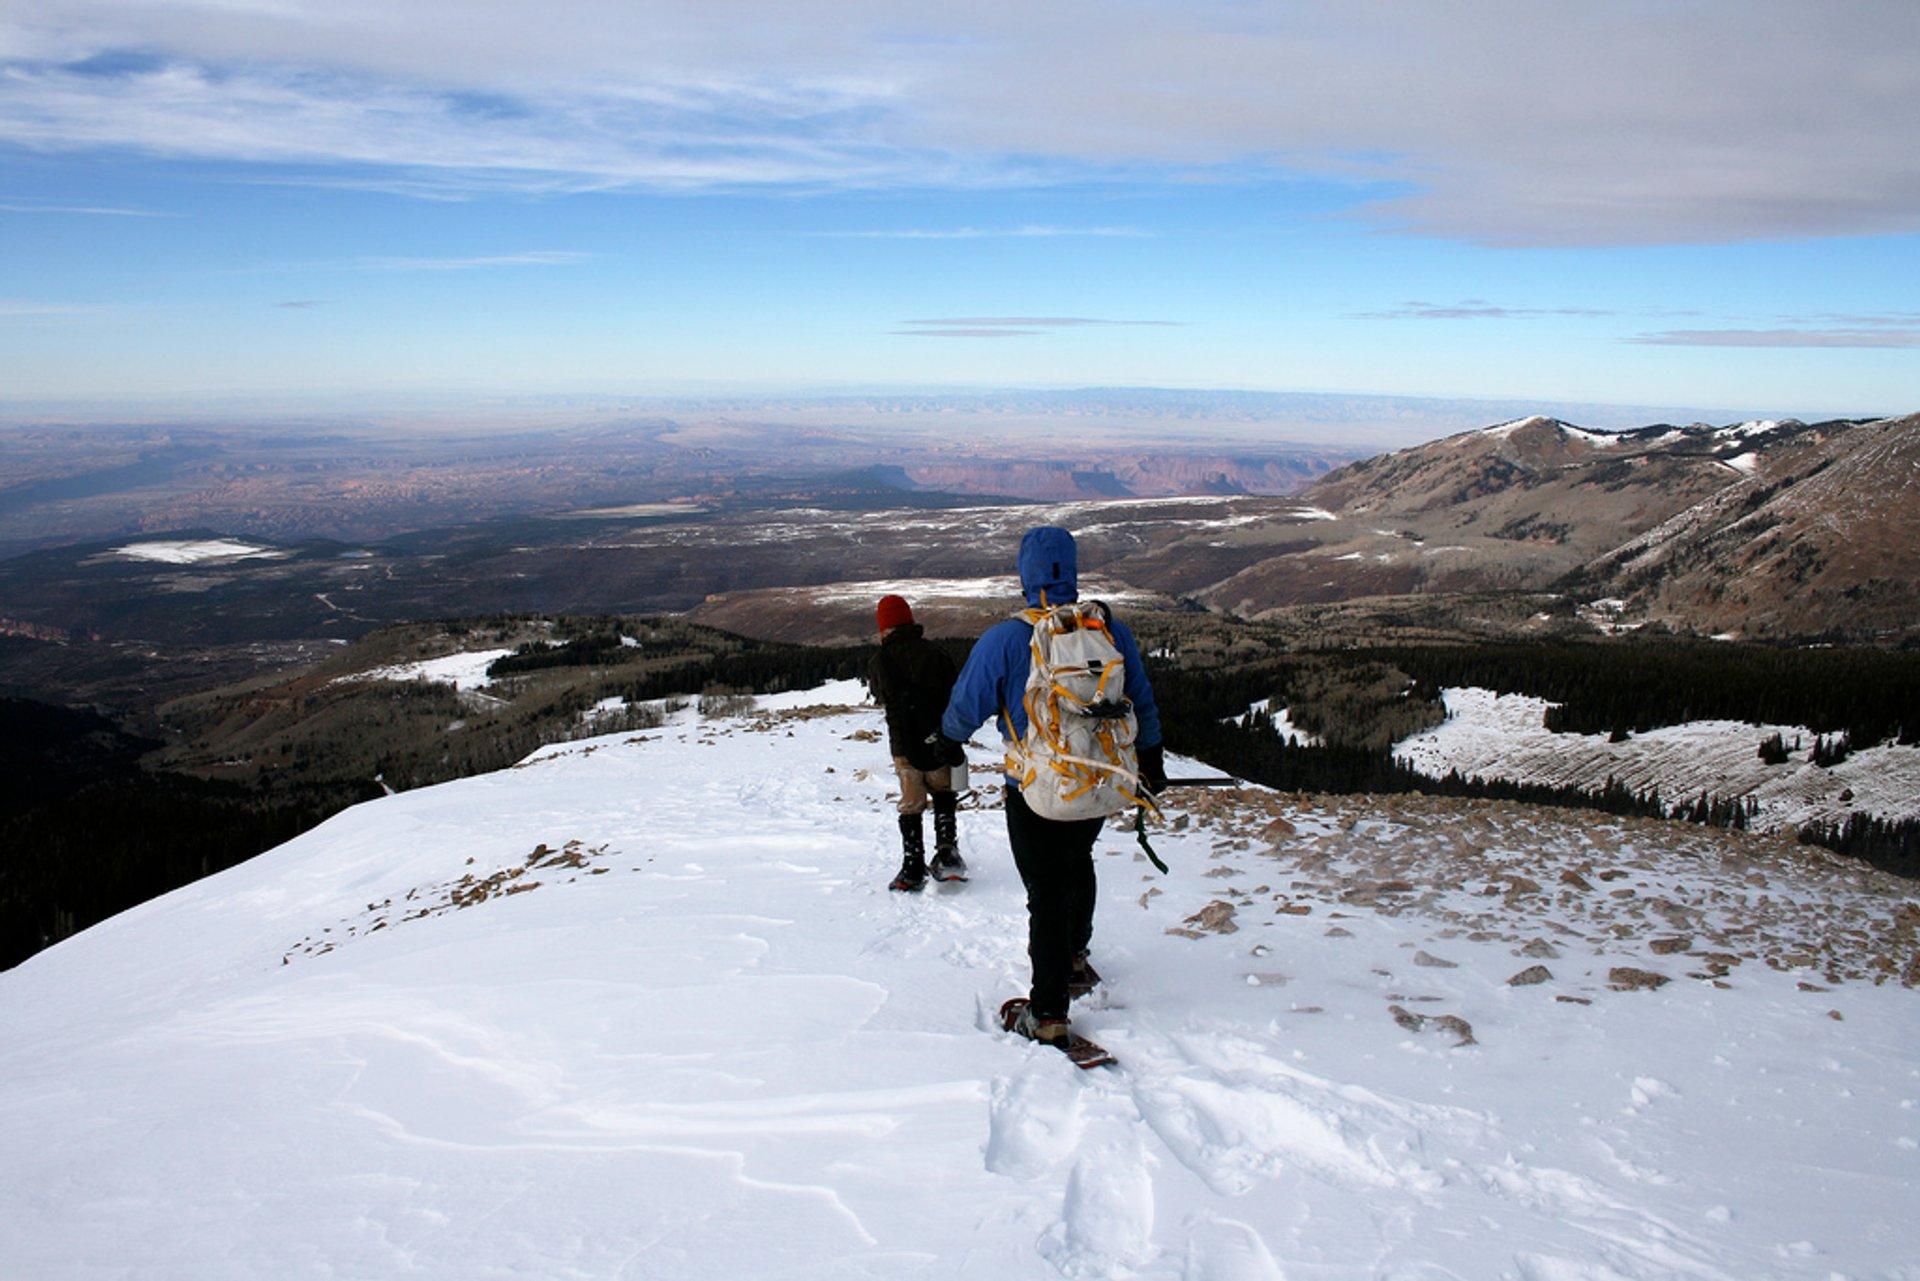 Snowshoeing in Utah - Best Season 2020